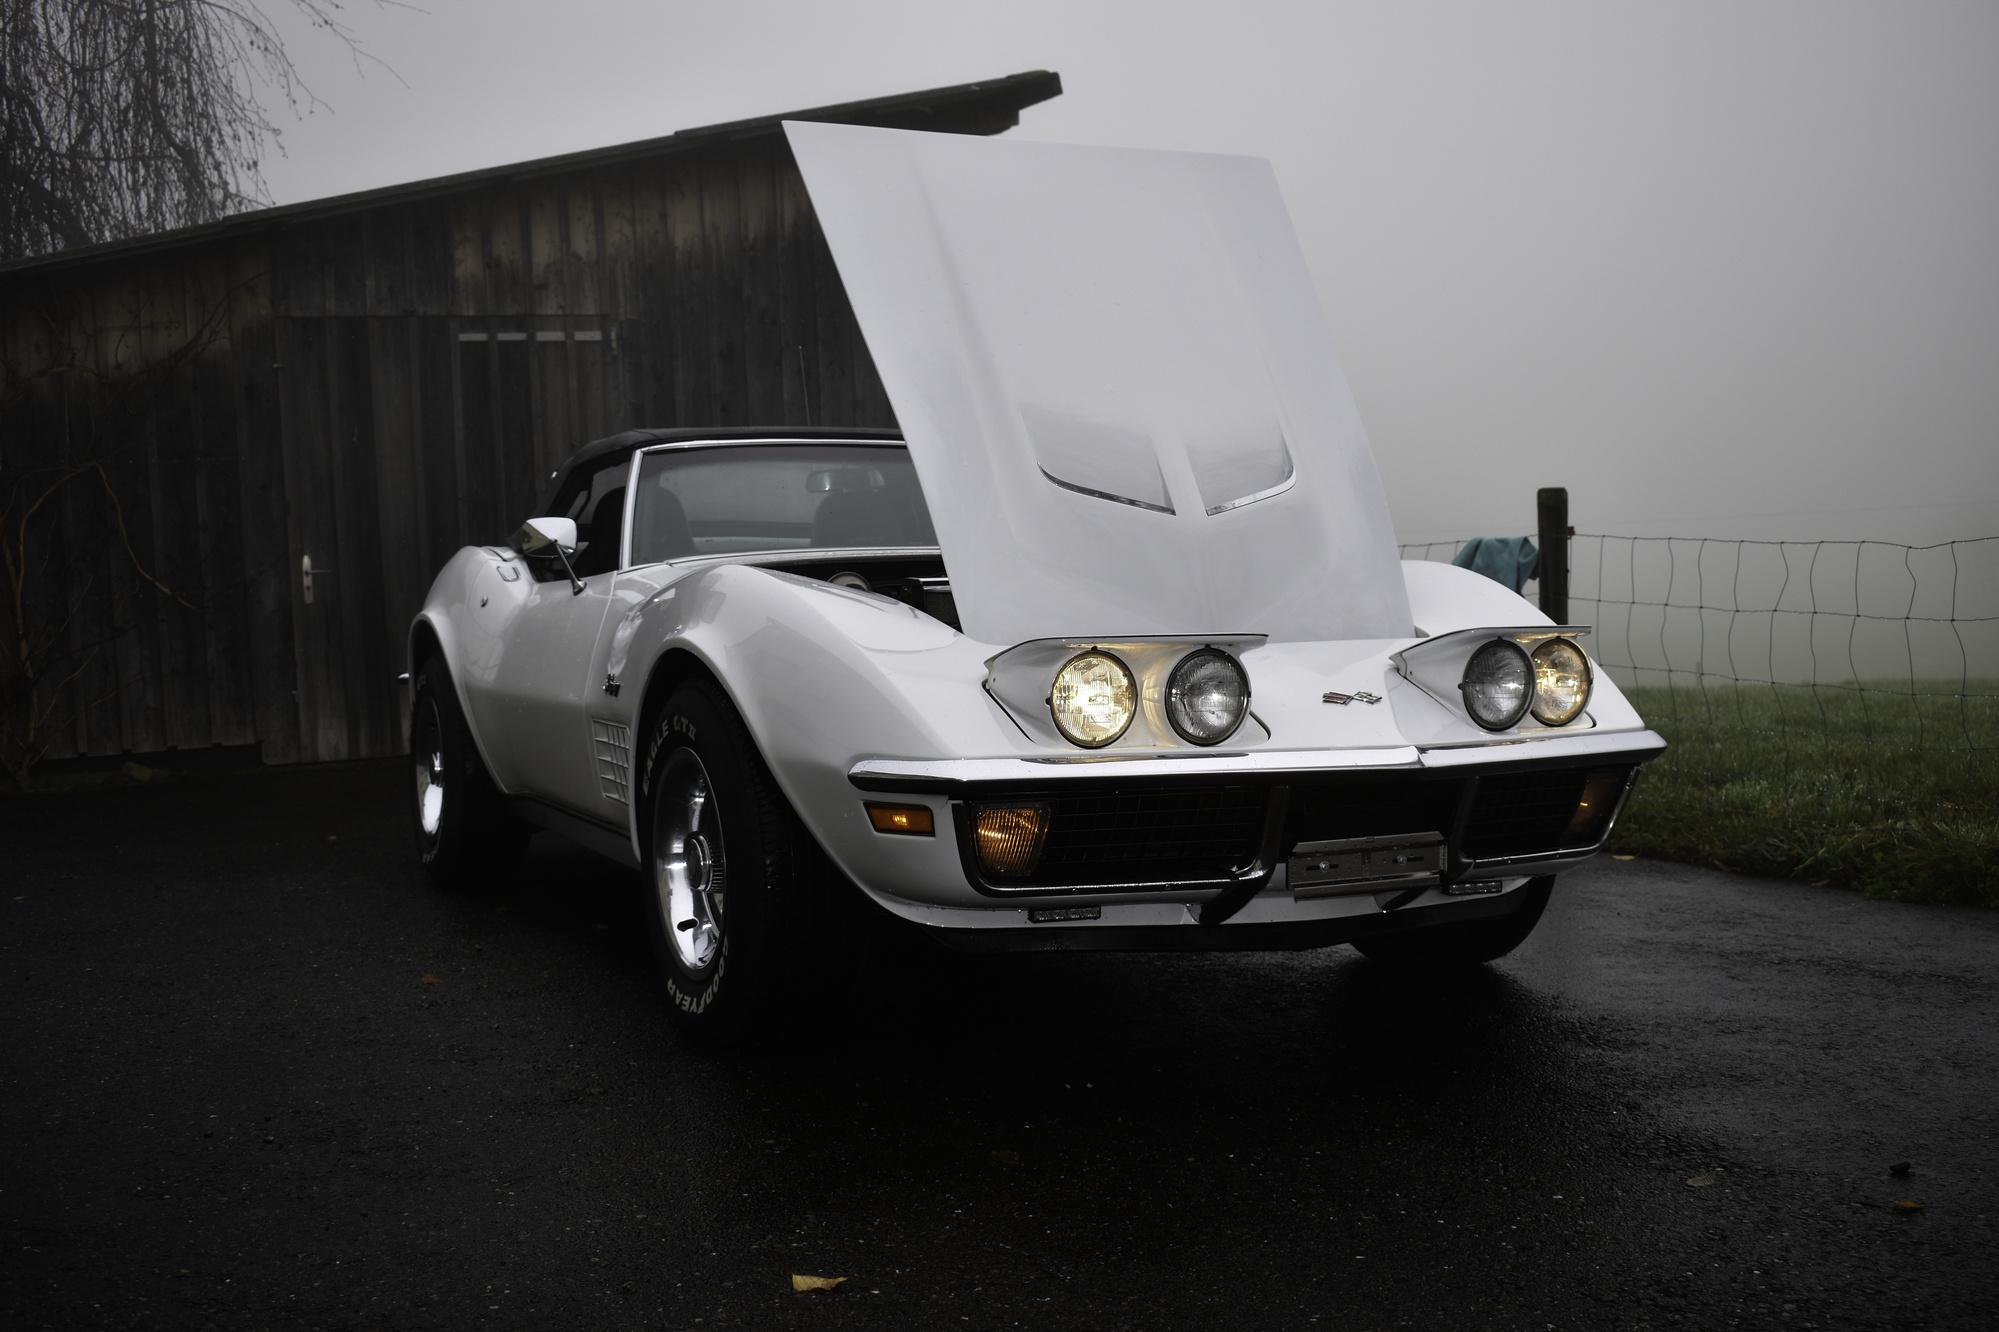 Weisse Chevrolet Corvette C3 Stingray 350 cuin 5.7 Liter 1971 in Seitenansicht mit aufgeklappter Motorhaube und Lichtern